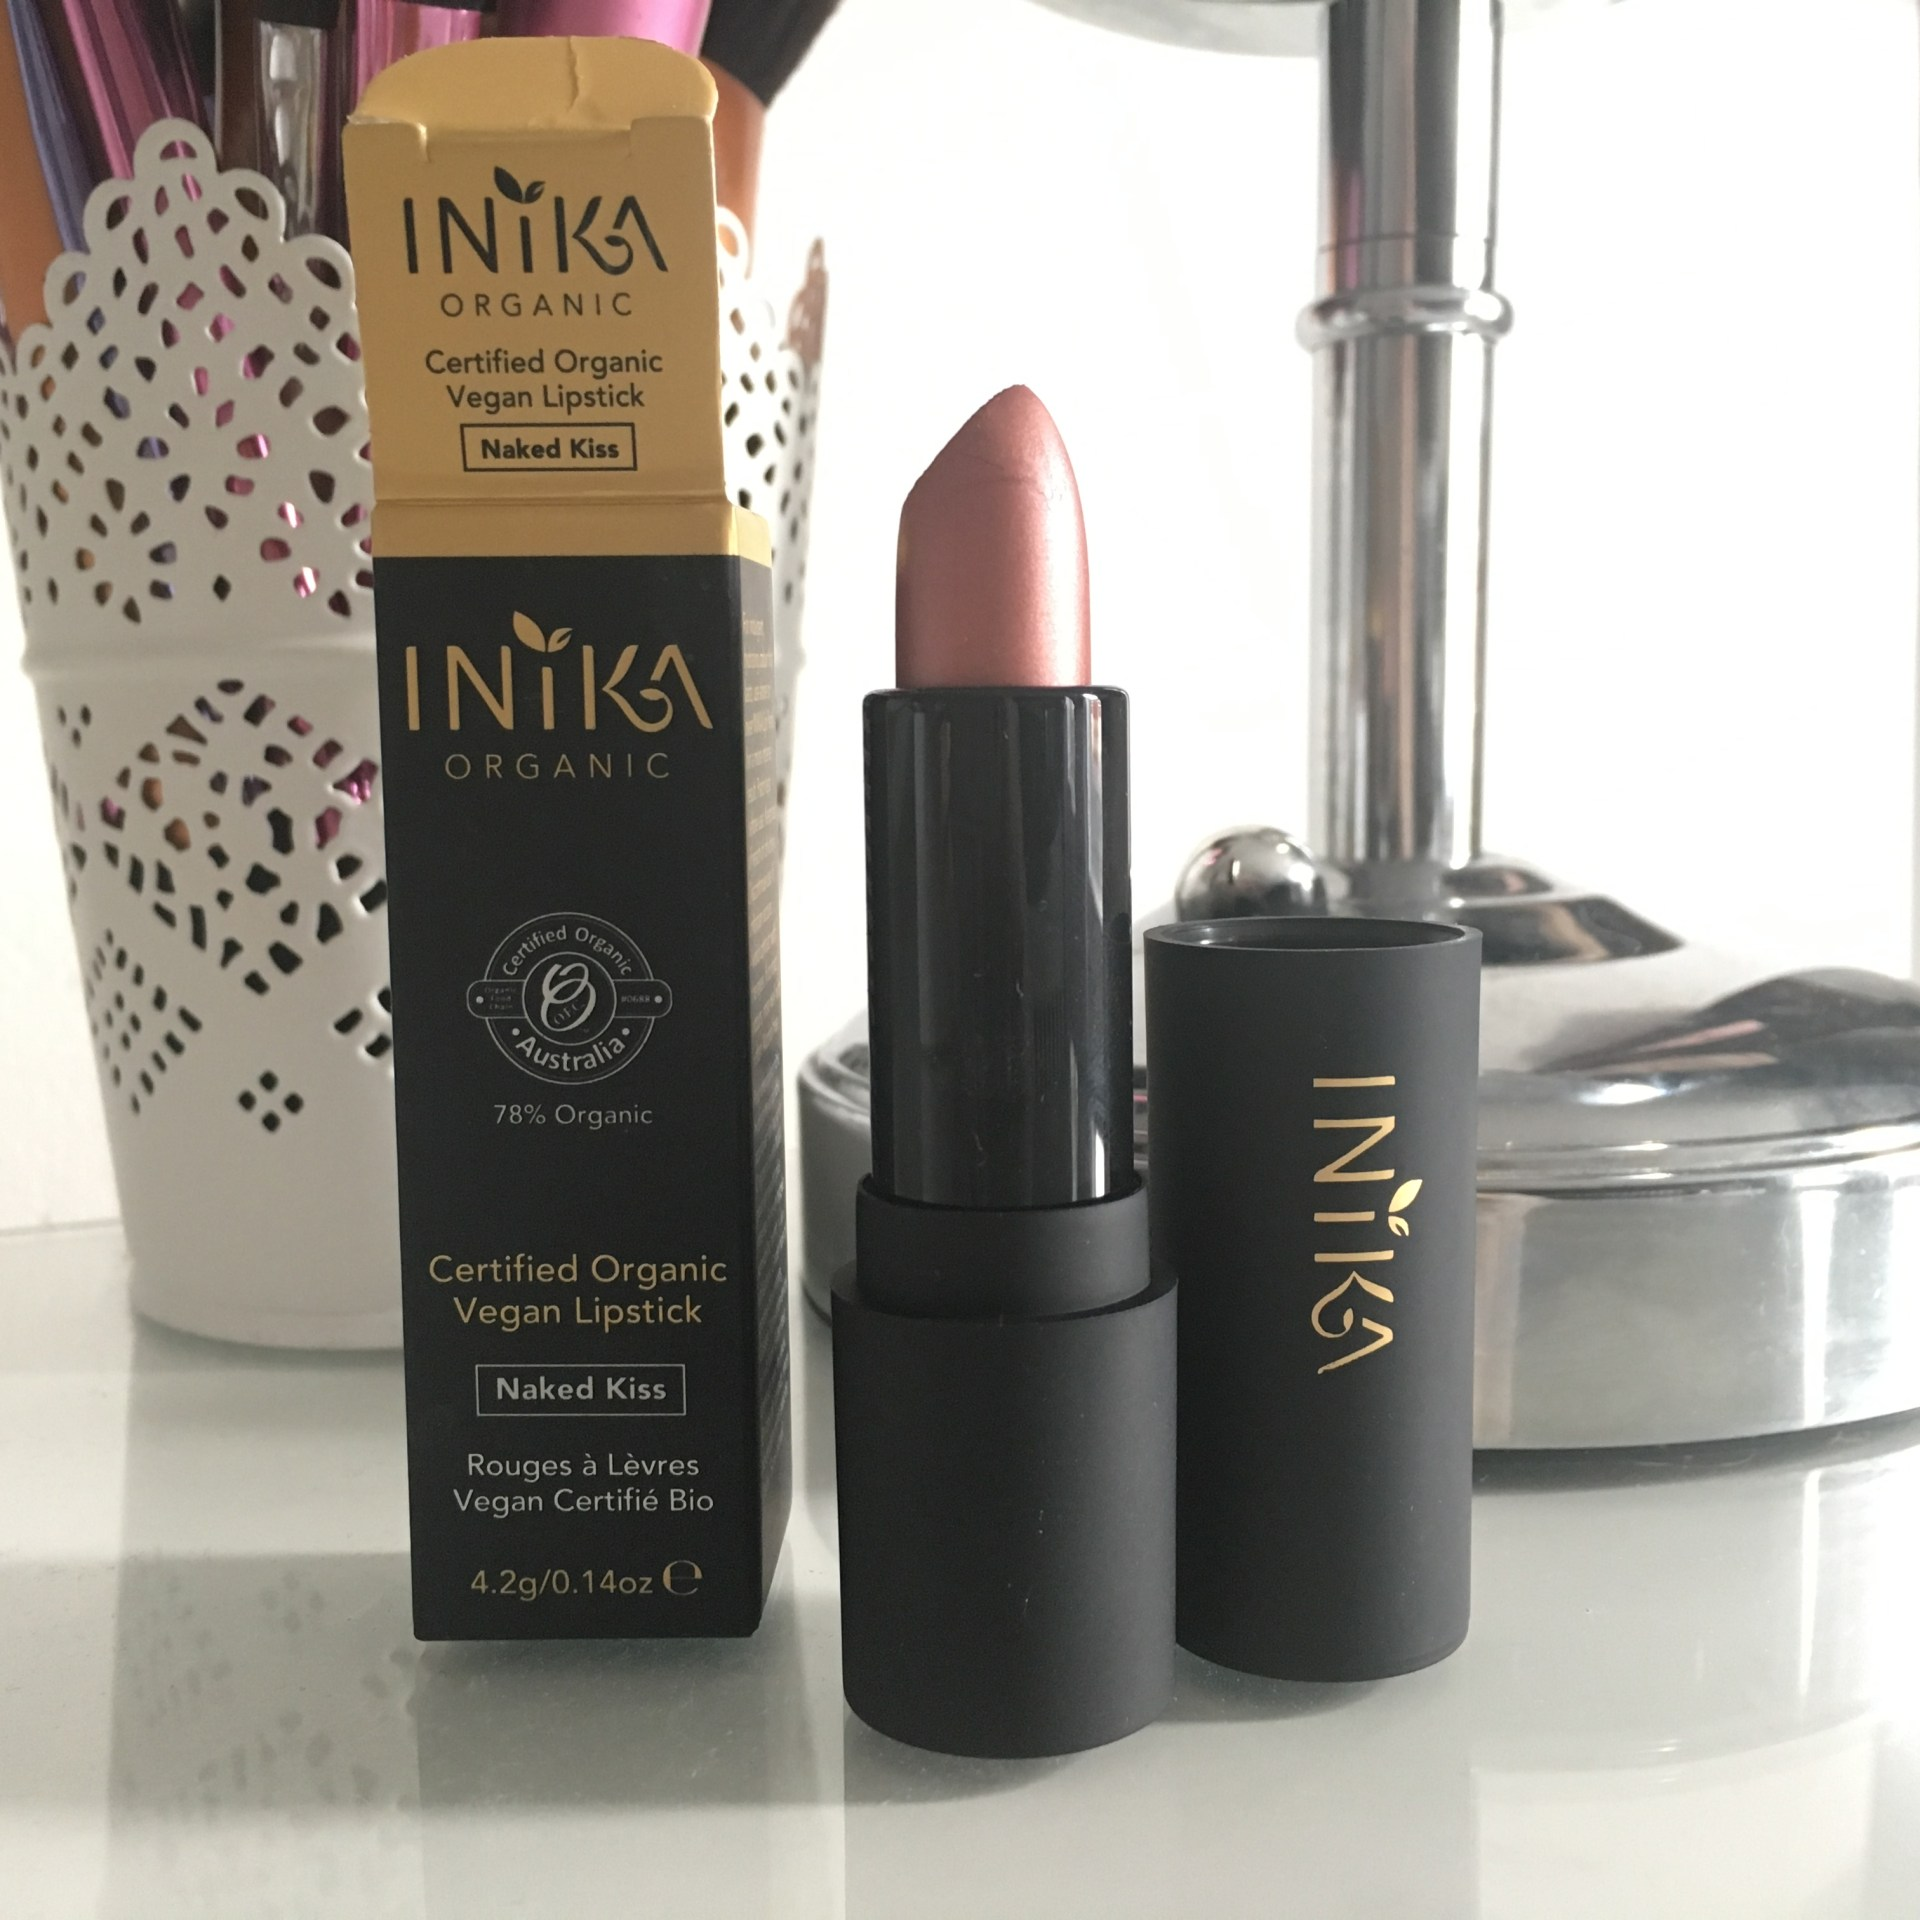 Inika Vegan Lipstick - Naked Kiss